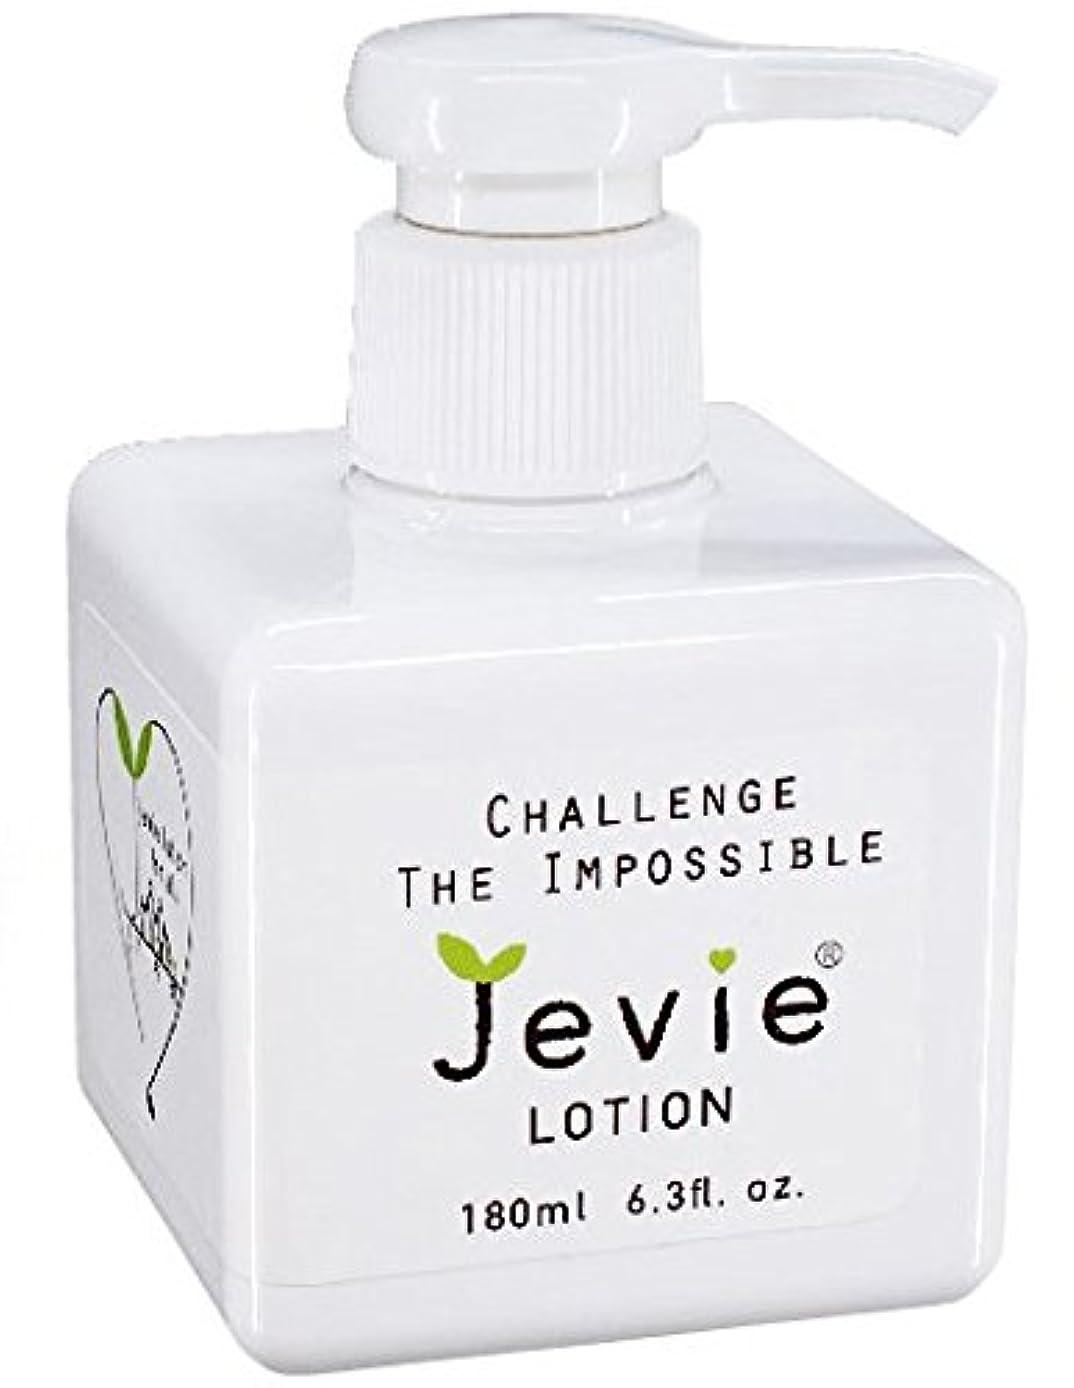 法的レガシー育成ジェヴィローション(Jevie Lotion)